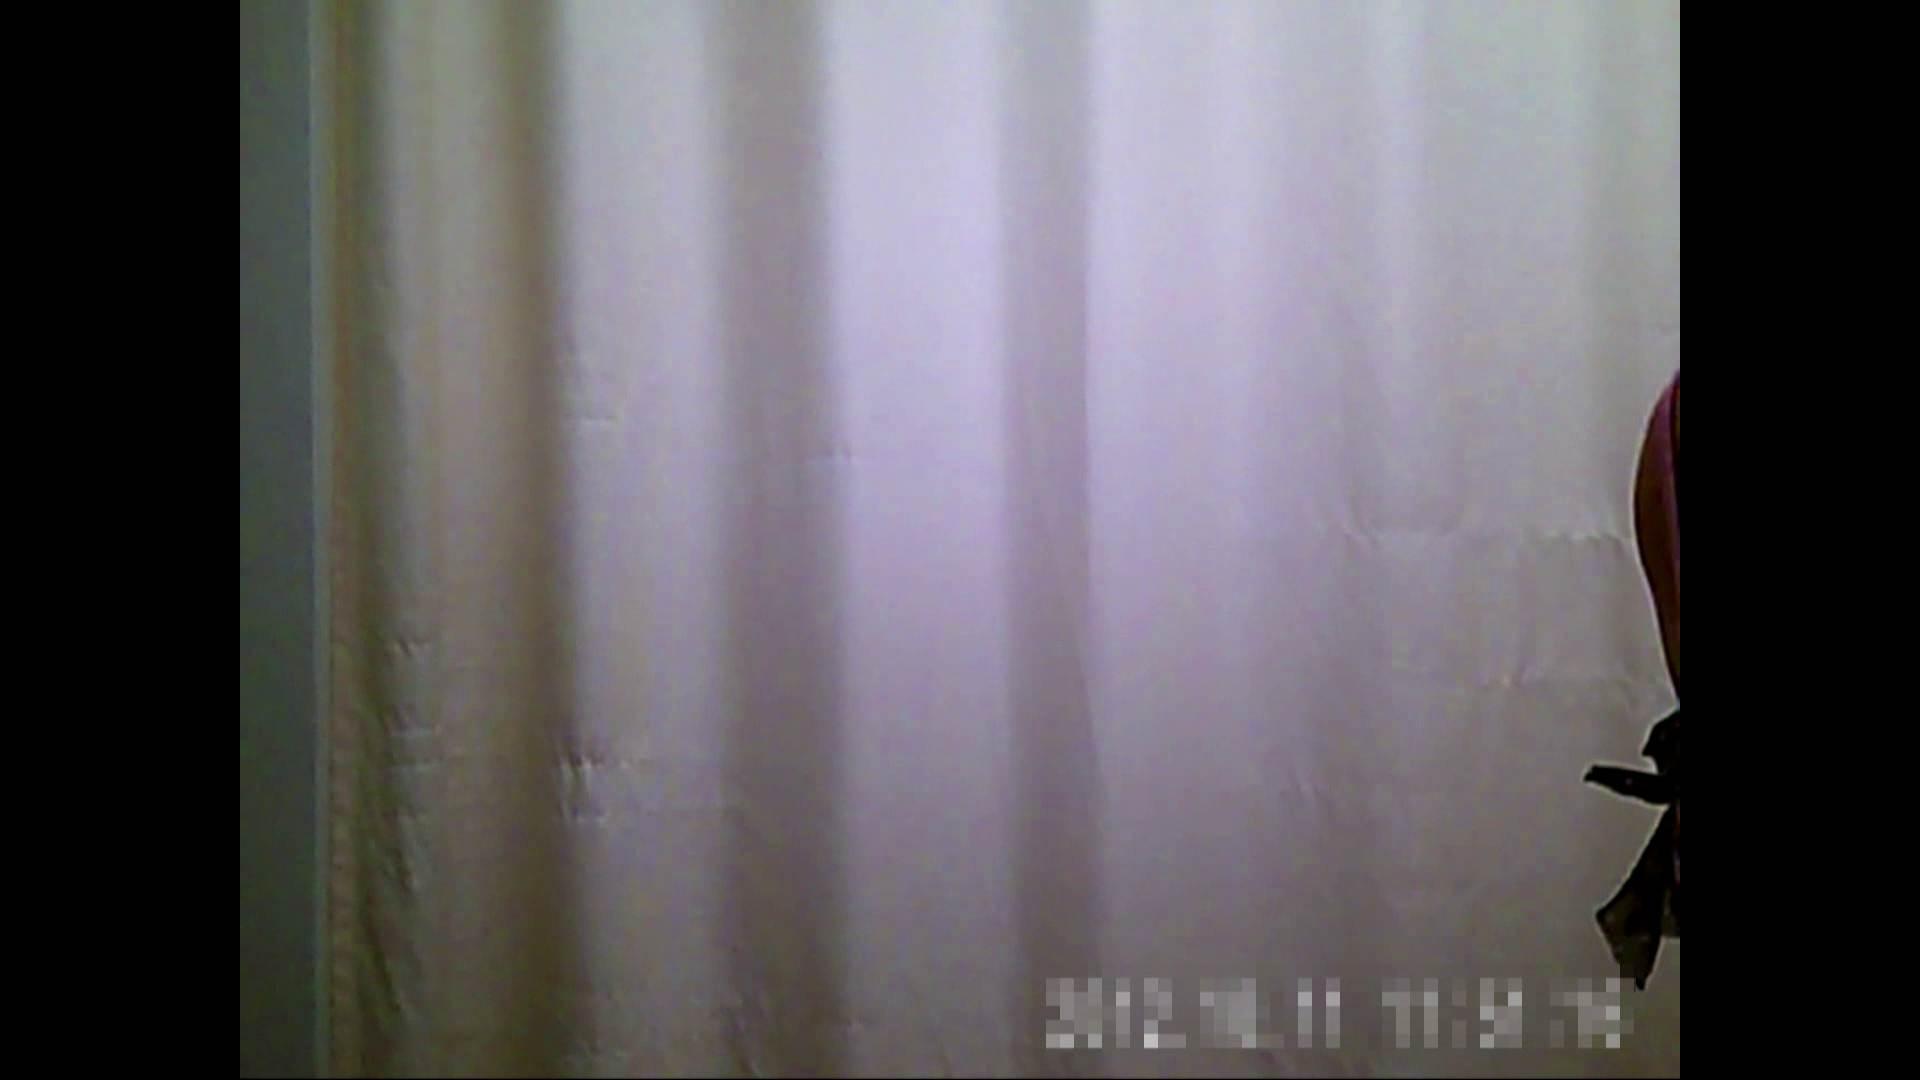 元医者による反抗 更衣室地獄絵巻 vol.063 OLの実態 | 0  44pic 7